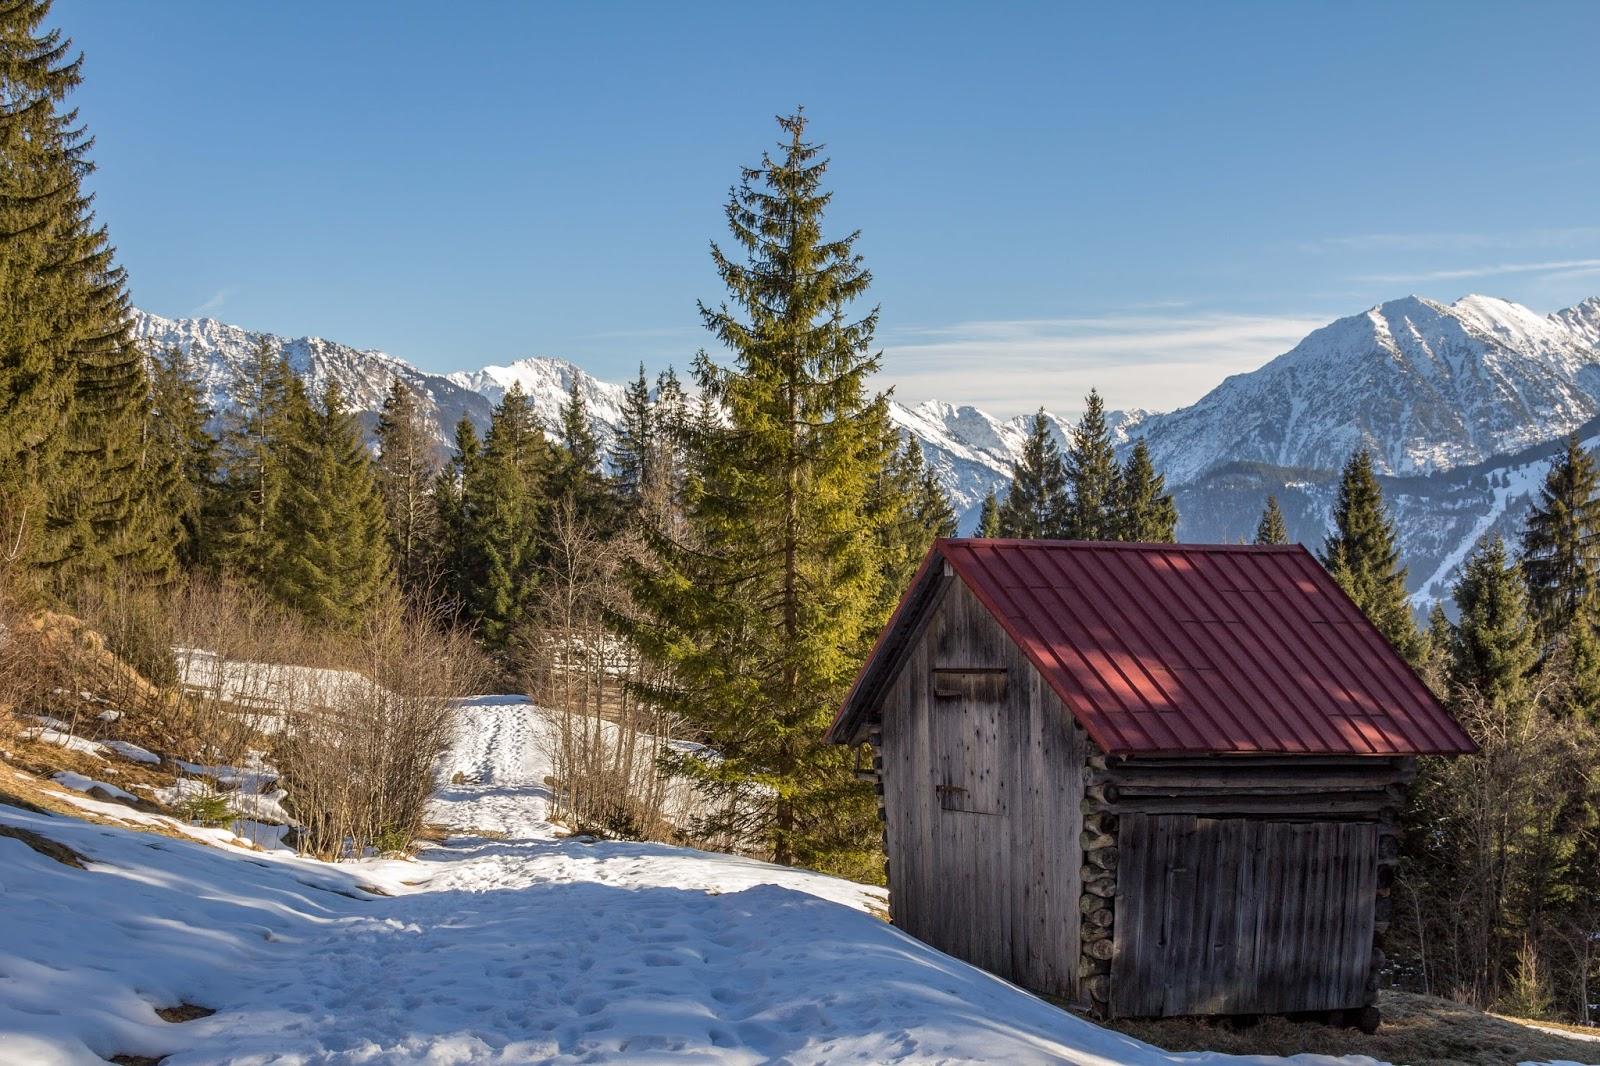 Schneeschuhwanderung Tiefenbacher Eck - Bad Hindelang ...